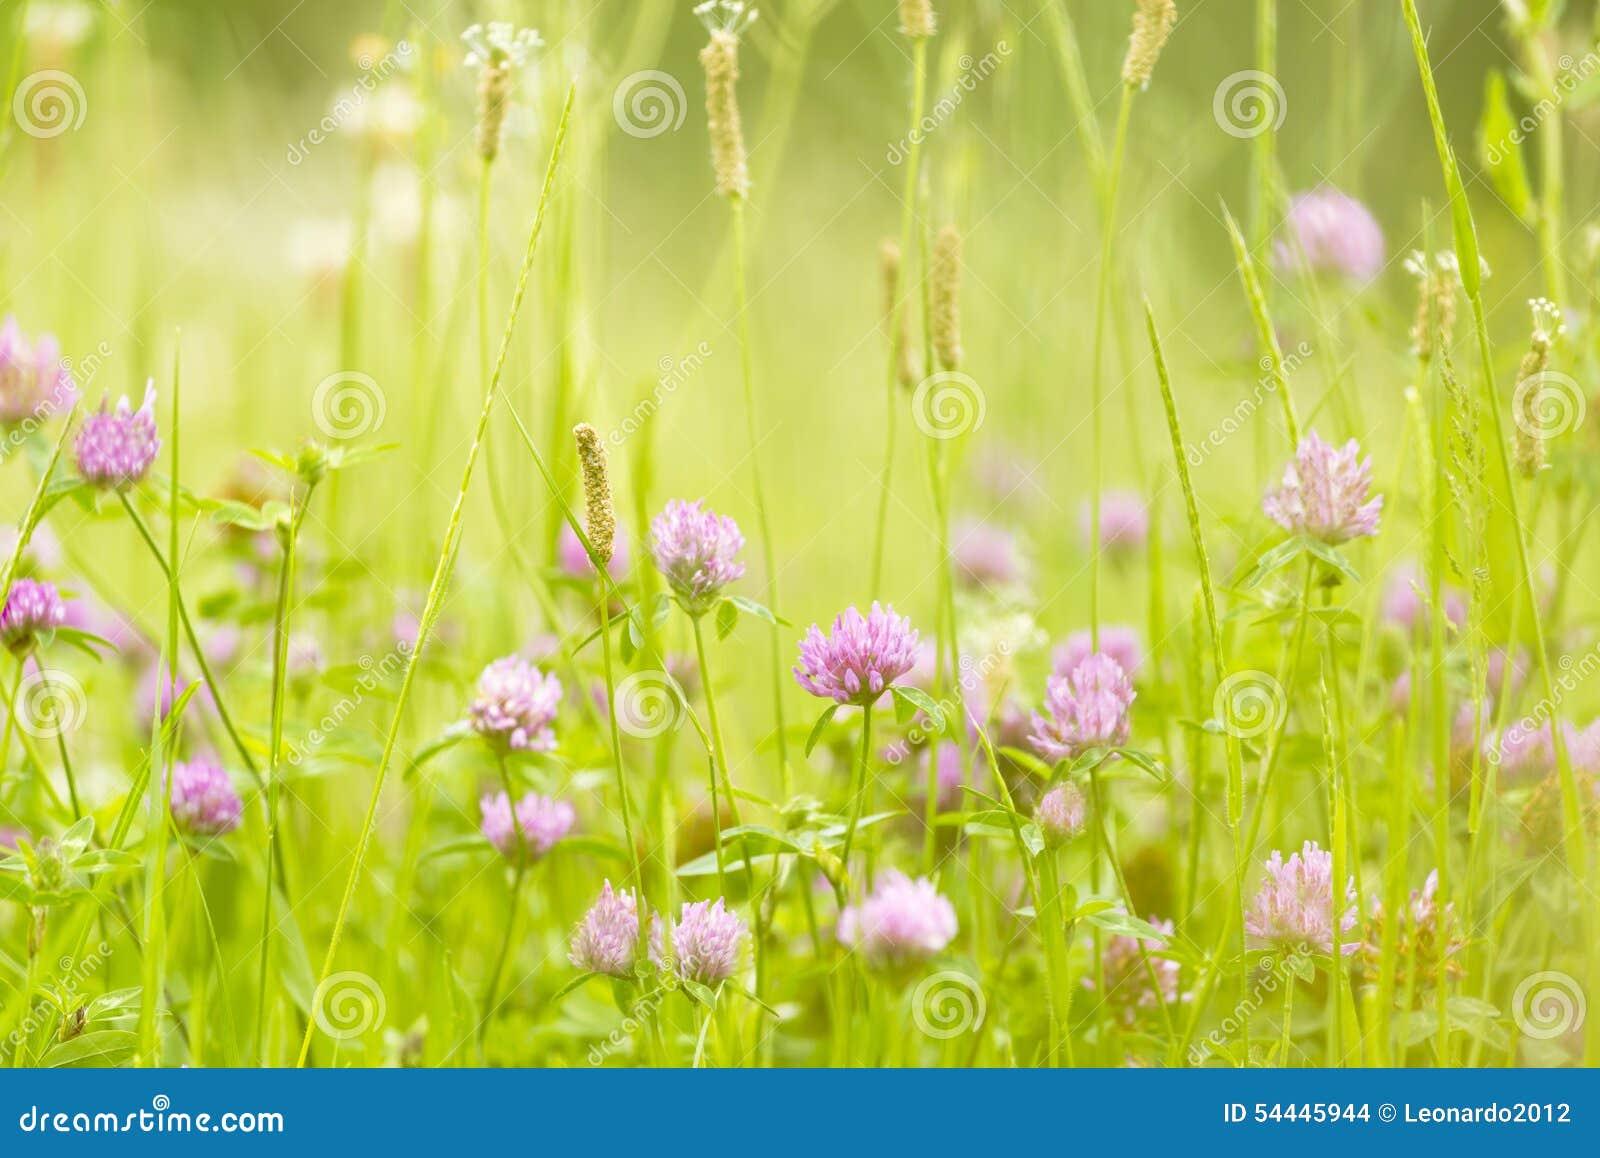 De abstracte aard bloeit achtergrond de lente en de zomer